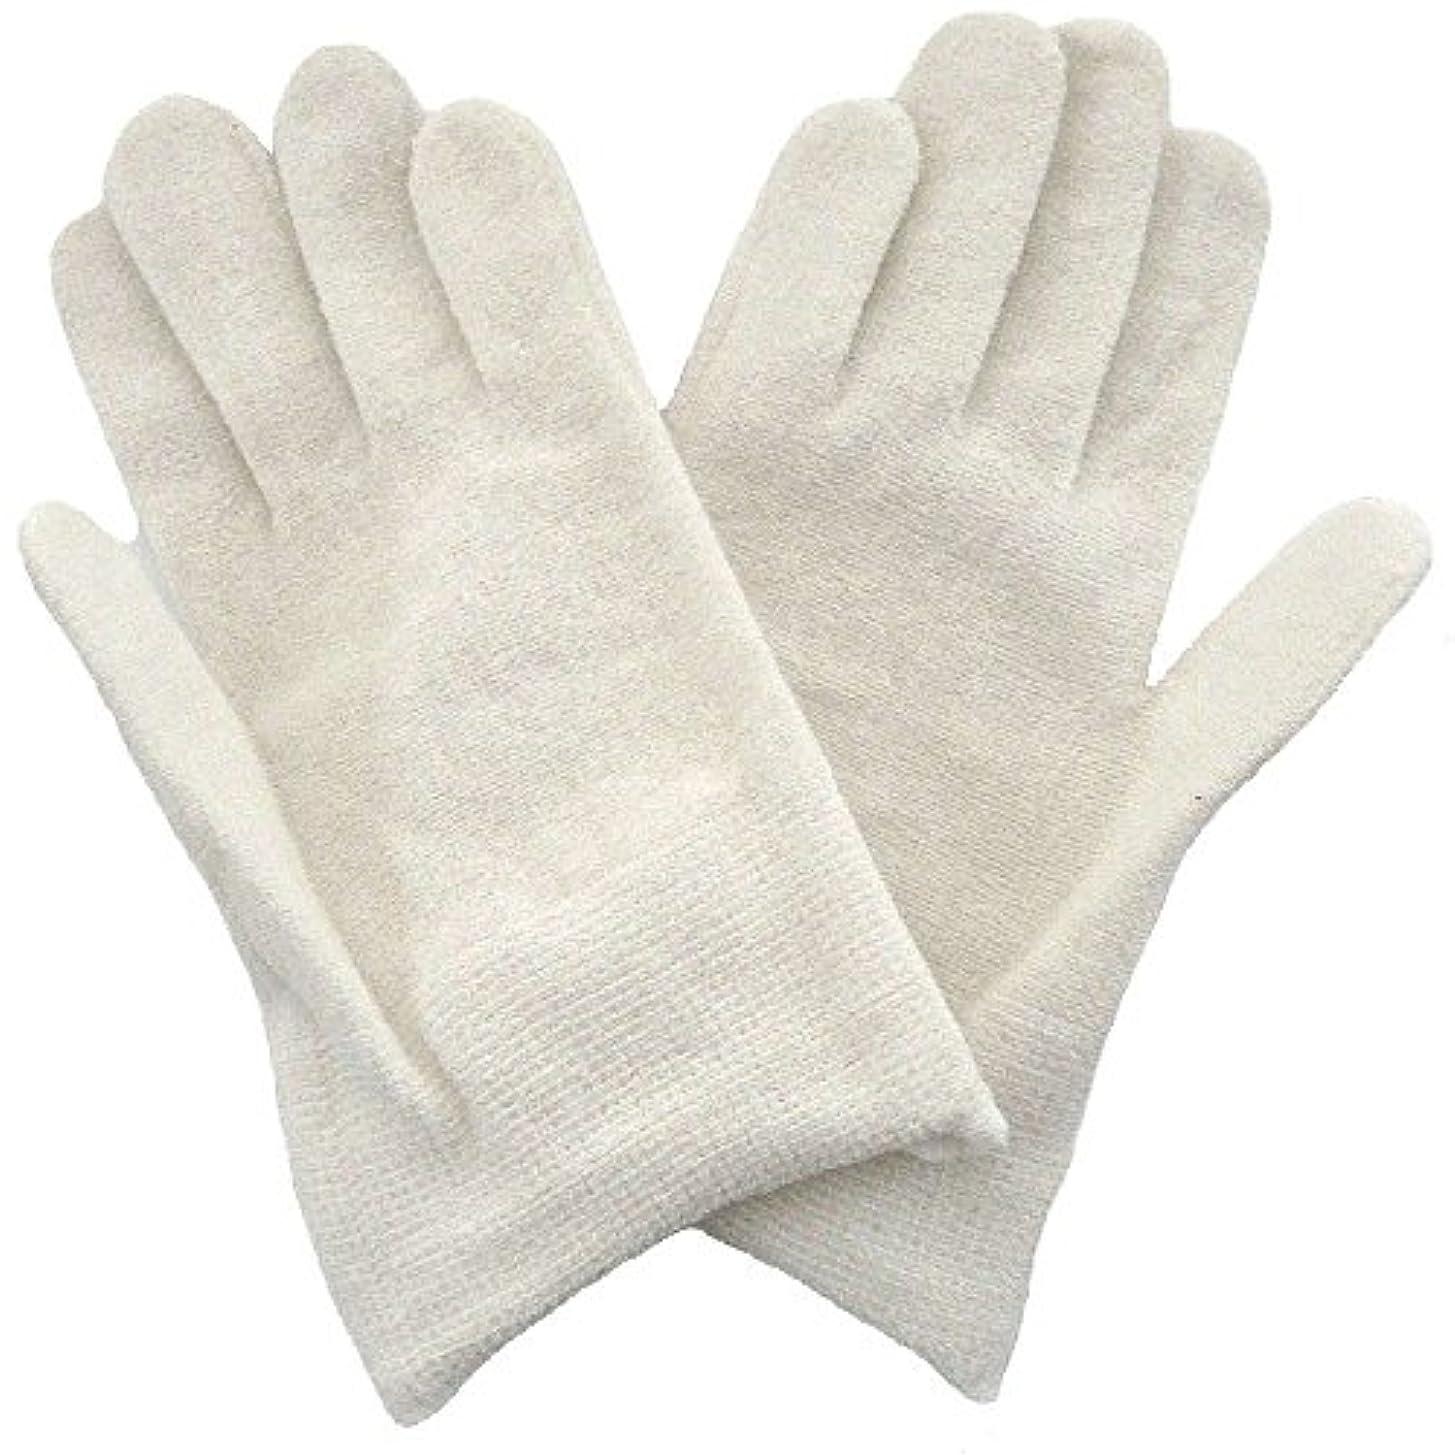 無効にする征服者薄汚い【アトピー】【水疱瘡】【皮膚炎】 ナノミックス おやすみ手袋:キッズ用 ホワイト